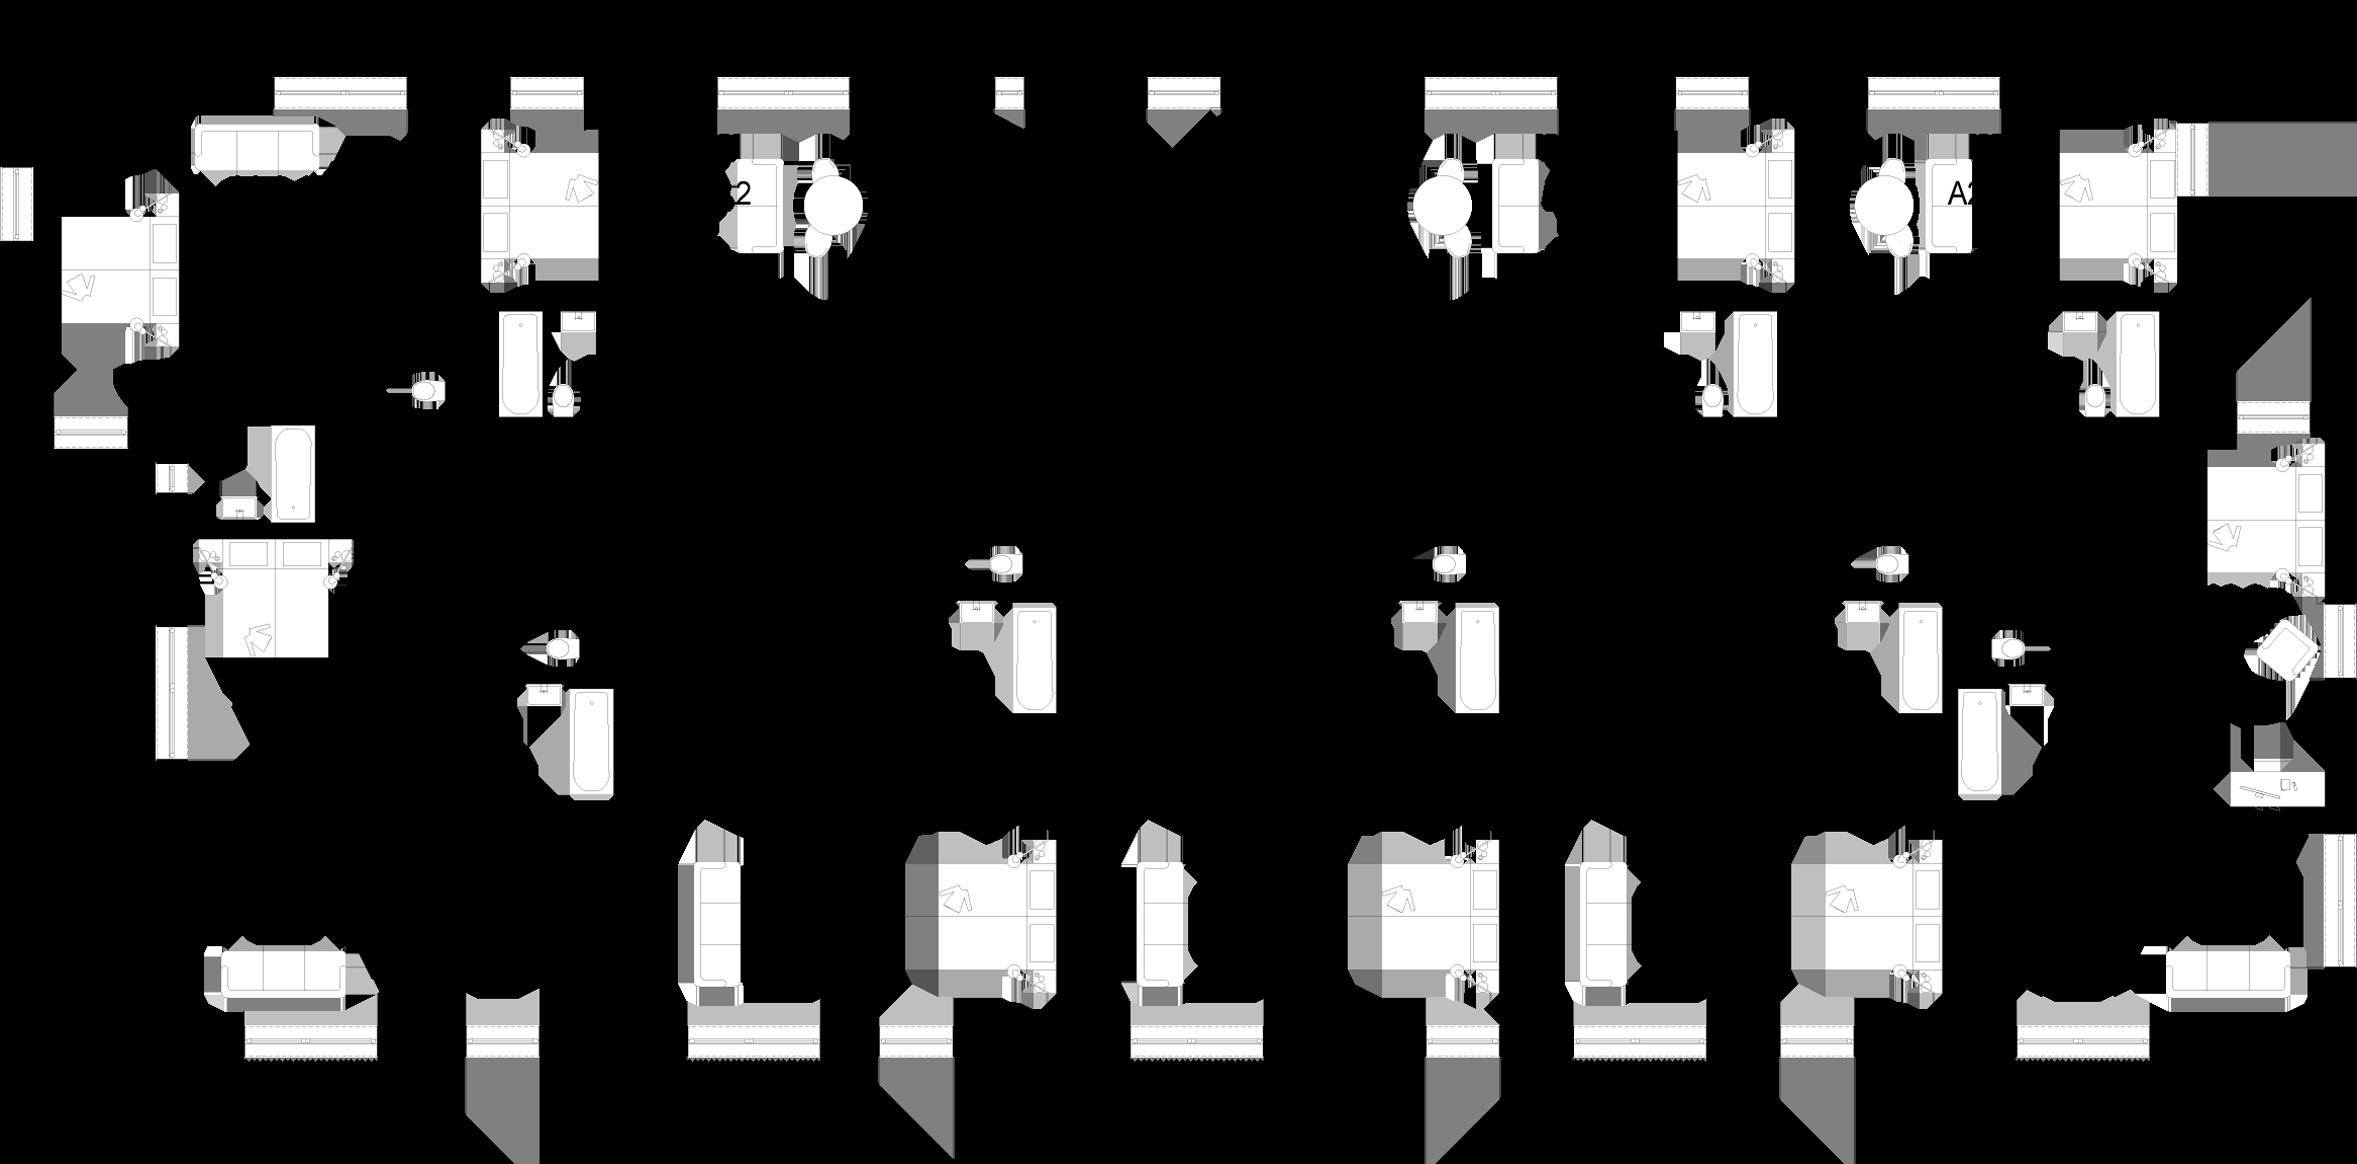 SO-01.A2 – 2. NP